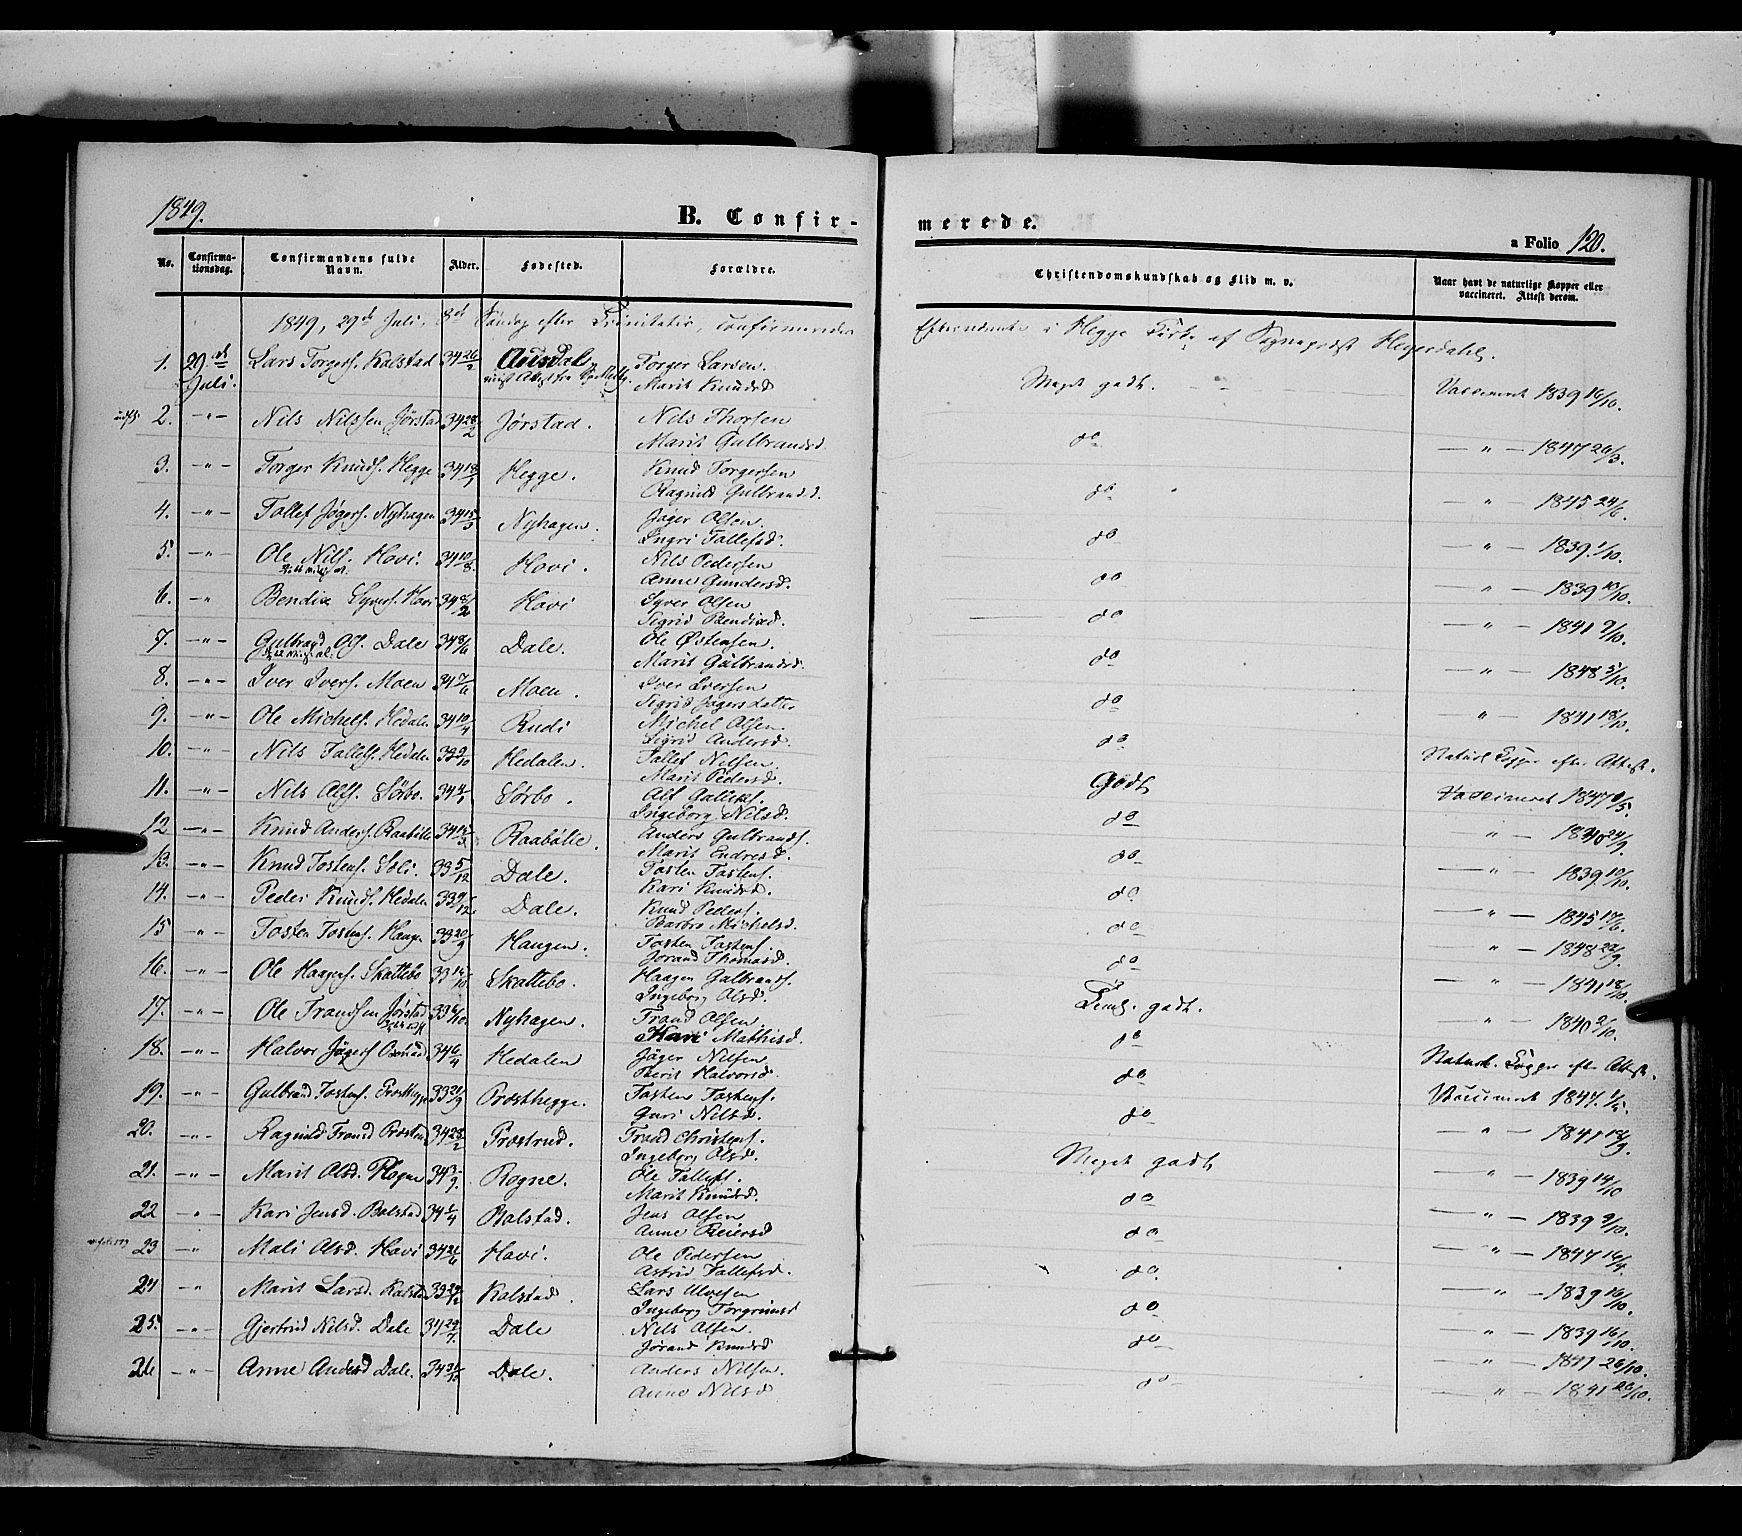 SAH, Øystre Slidre prestekontor, Ministerialbok nr. 1, 1849-1874, s. 120